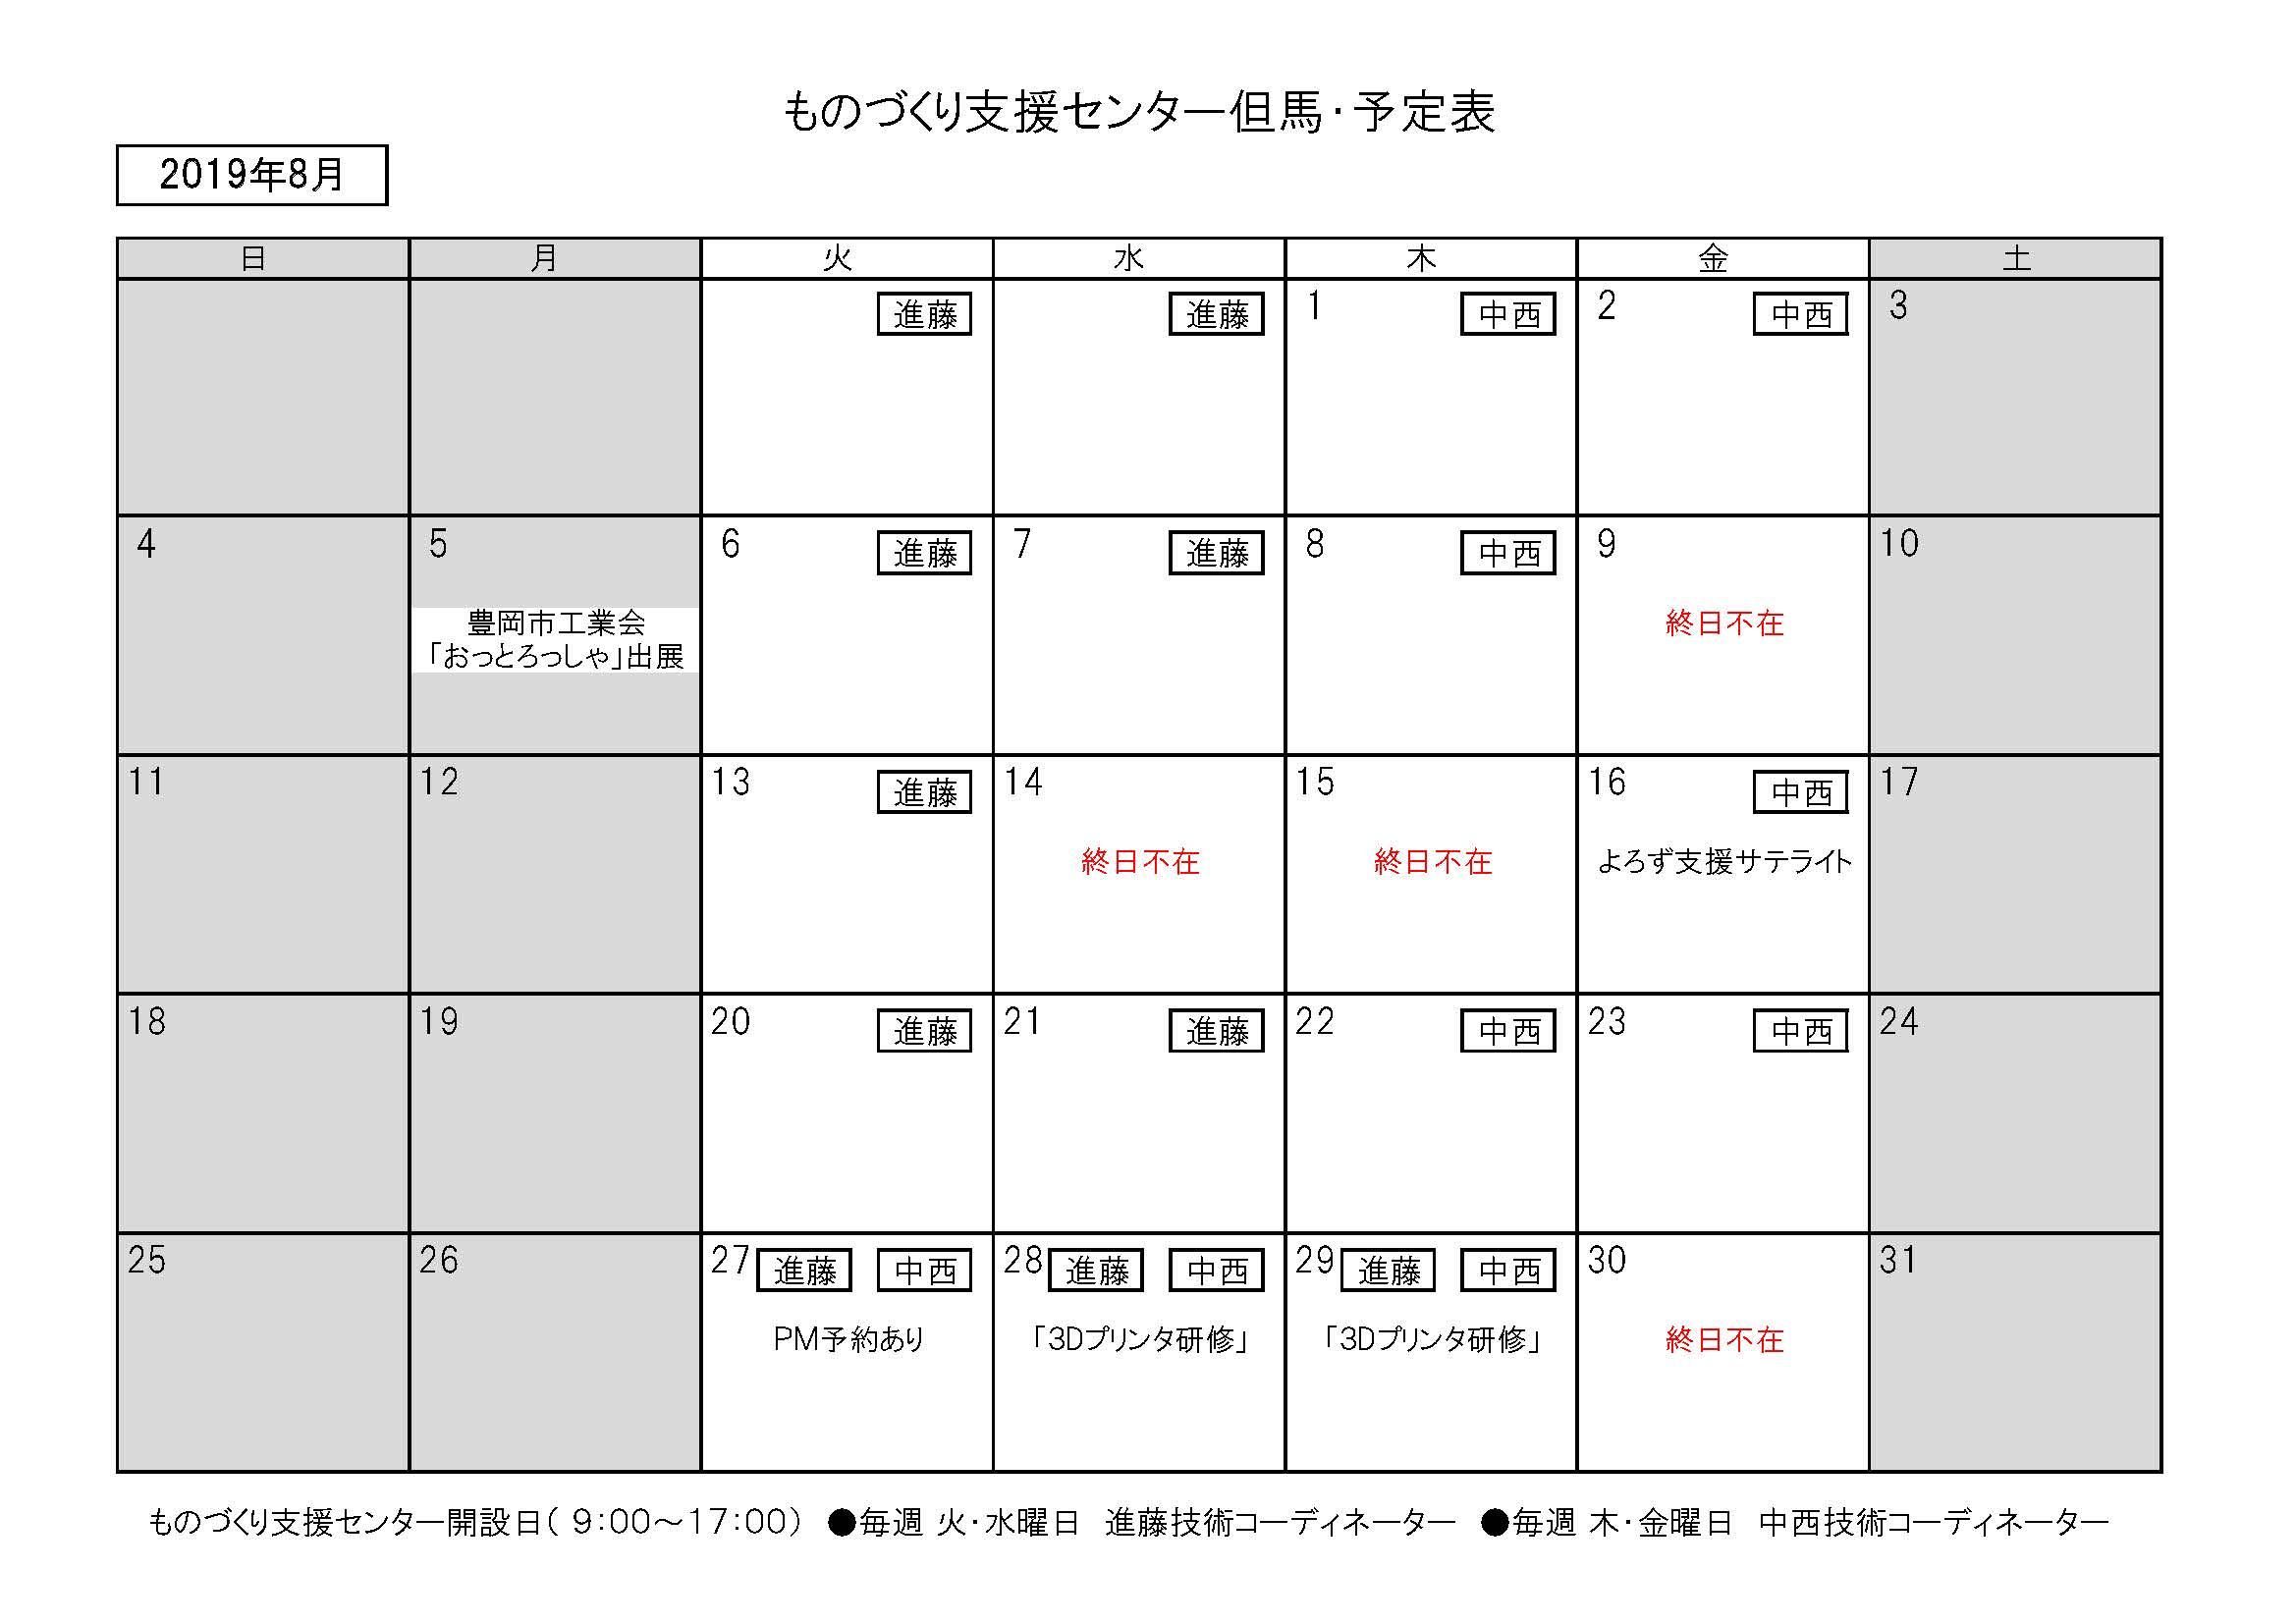 ものセン但馬日程表(2019年7月)